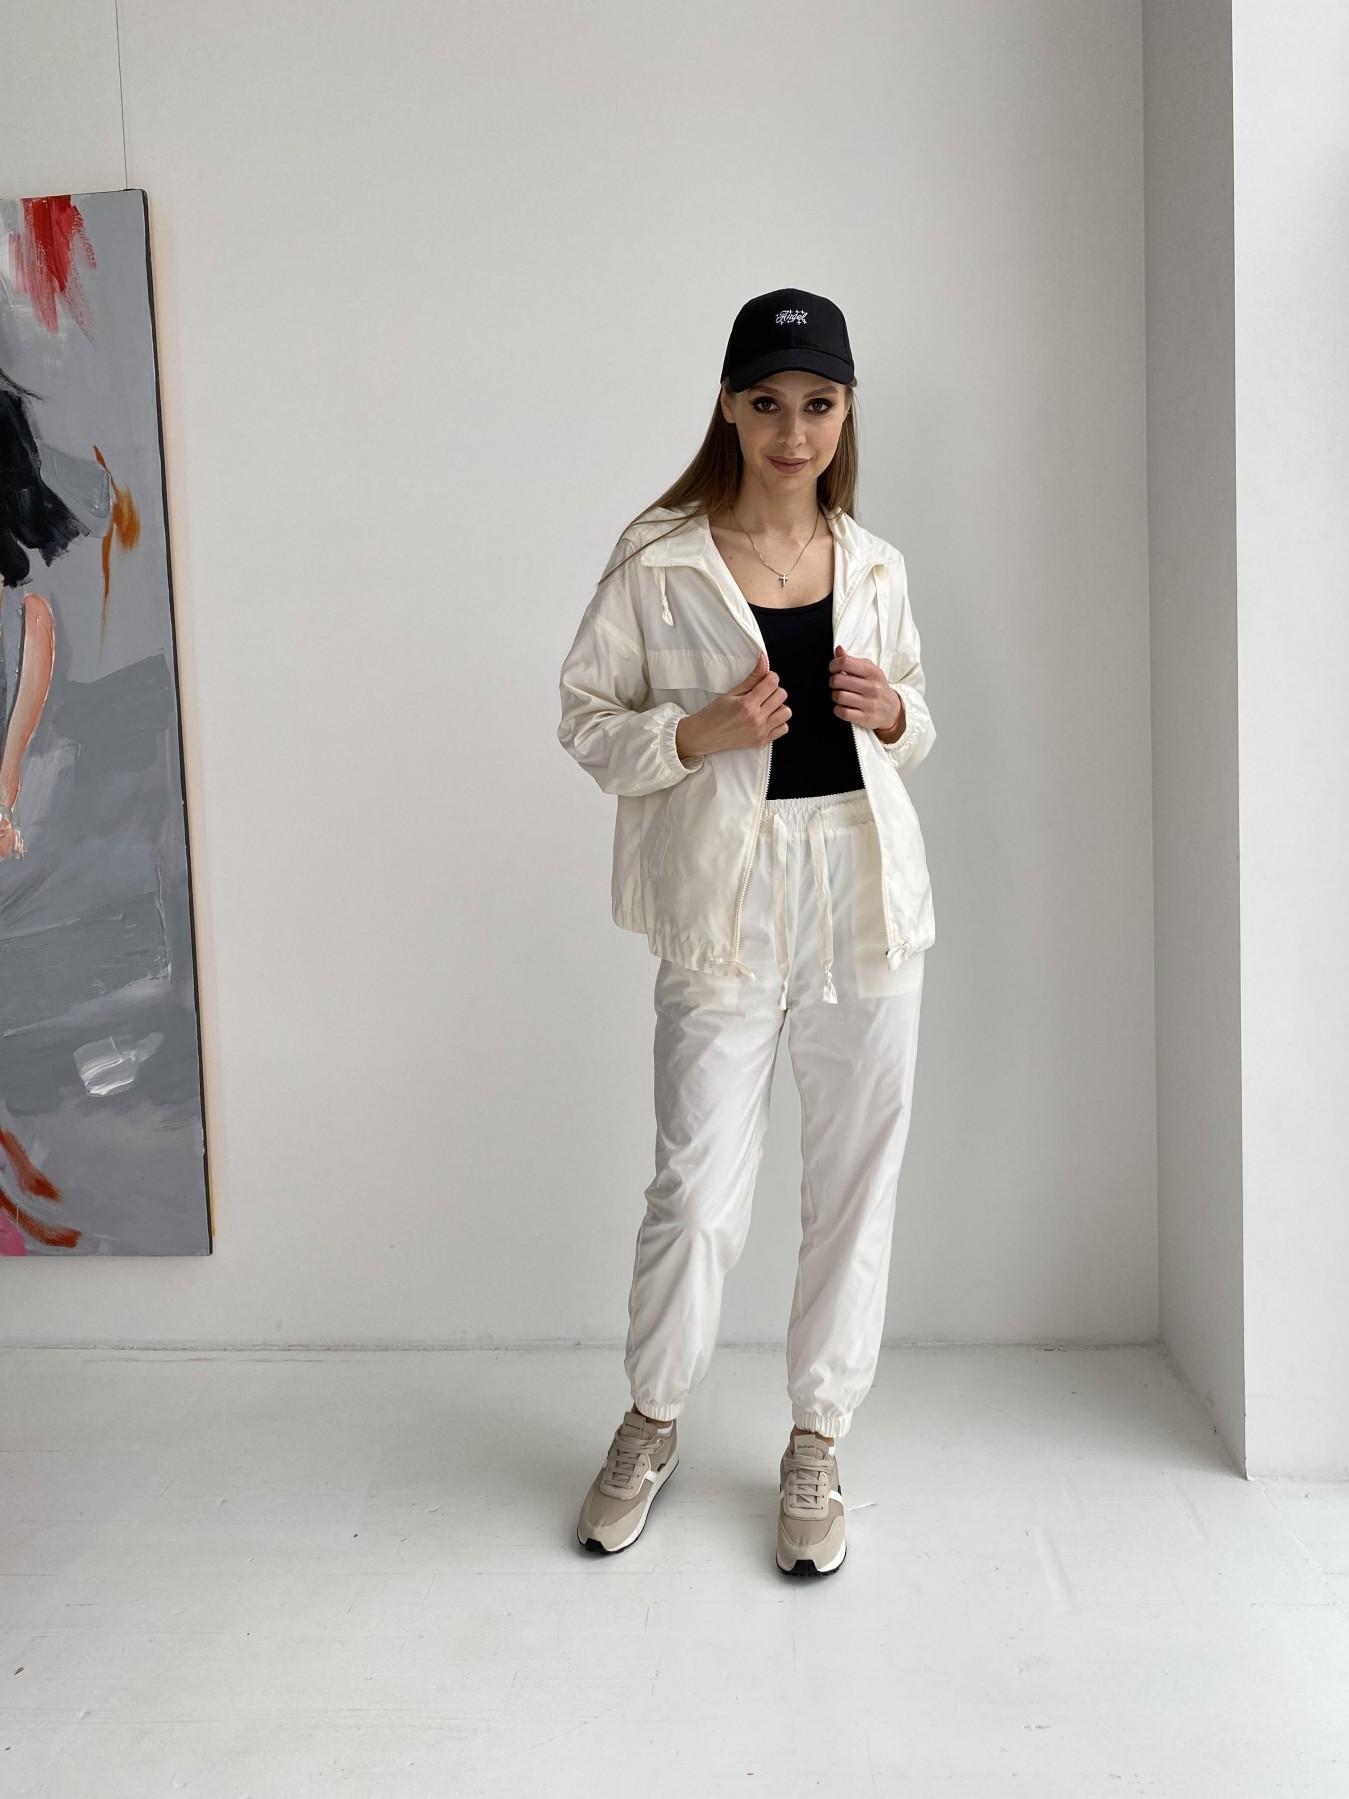 Фит костюм из плащевой ткани 11048 АРТ. 47533 Цвет: Молоко - фото 3, интернет магазин tm-modus.ru